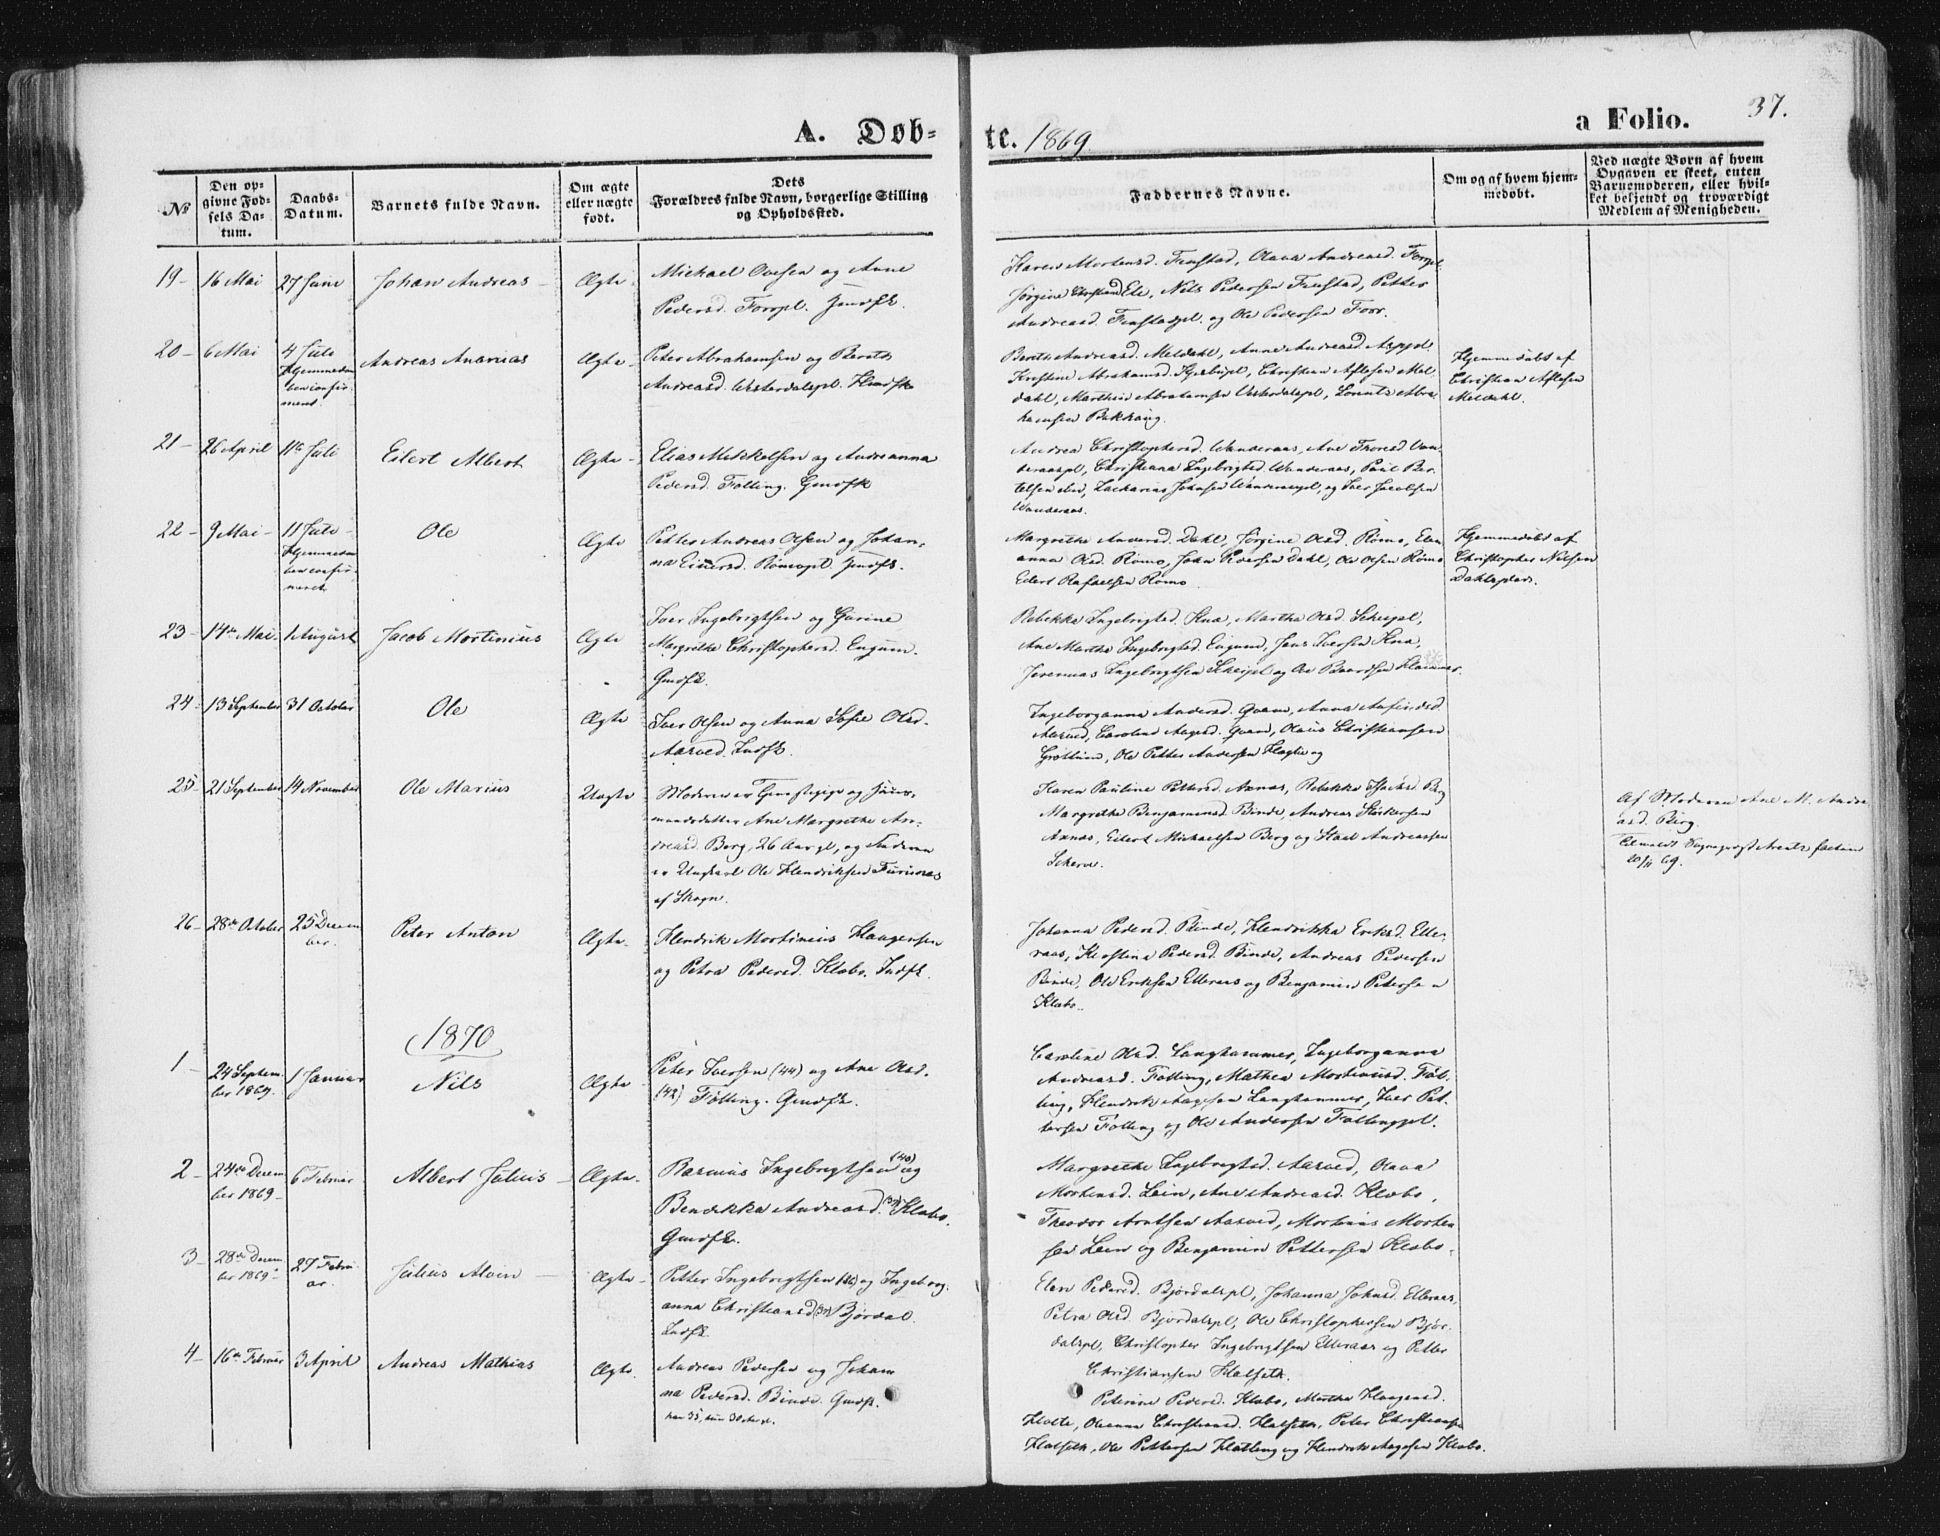 SAT, Ministerialprotokoller, klokkerbøker og fødselsregistre - Nord-Trøndelag, 746/L0447: Ministerialbok nr. 746A06, 1860-1877, s. 37